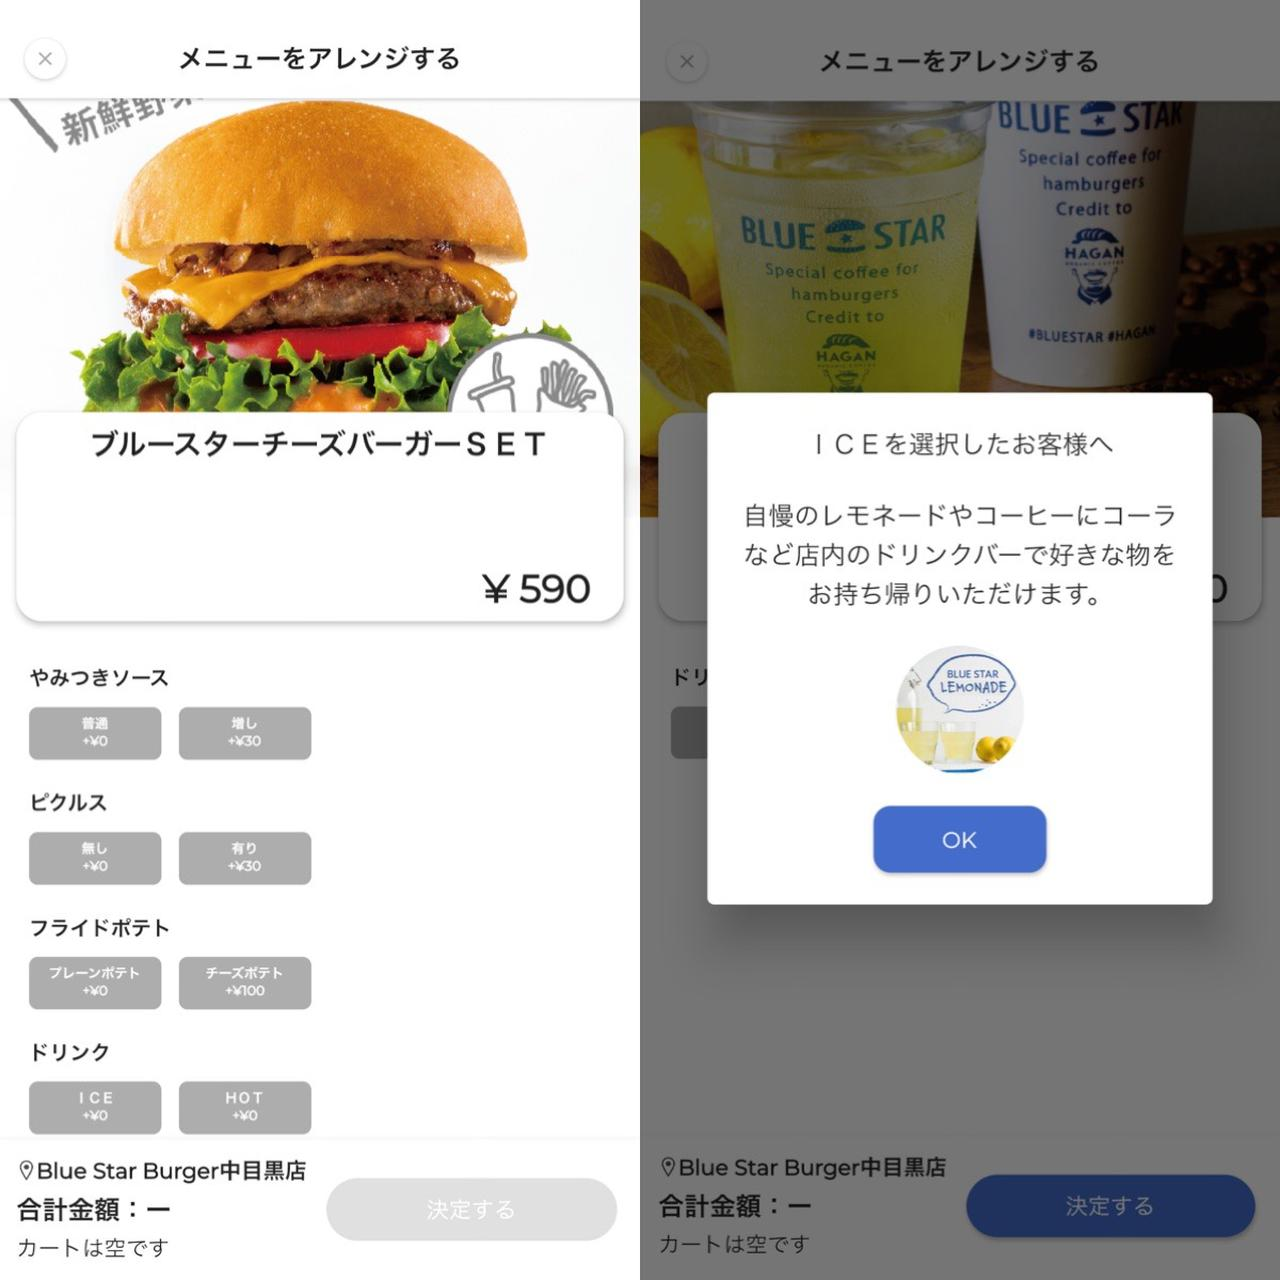 画像3: アプリオーダーはとっても簡単!限定機能もあるのでぜひアプリオーダーを。